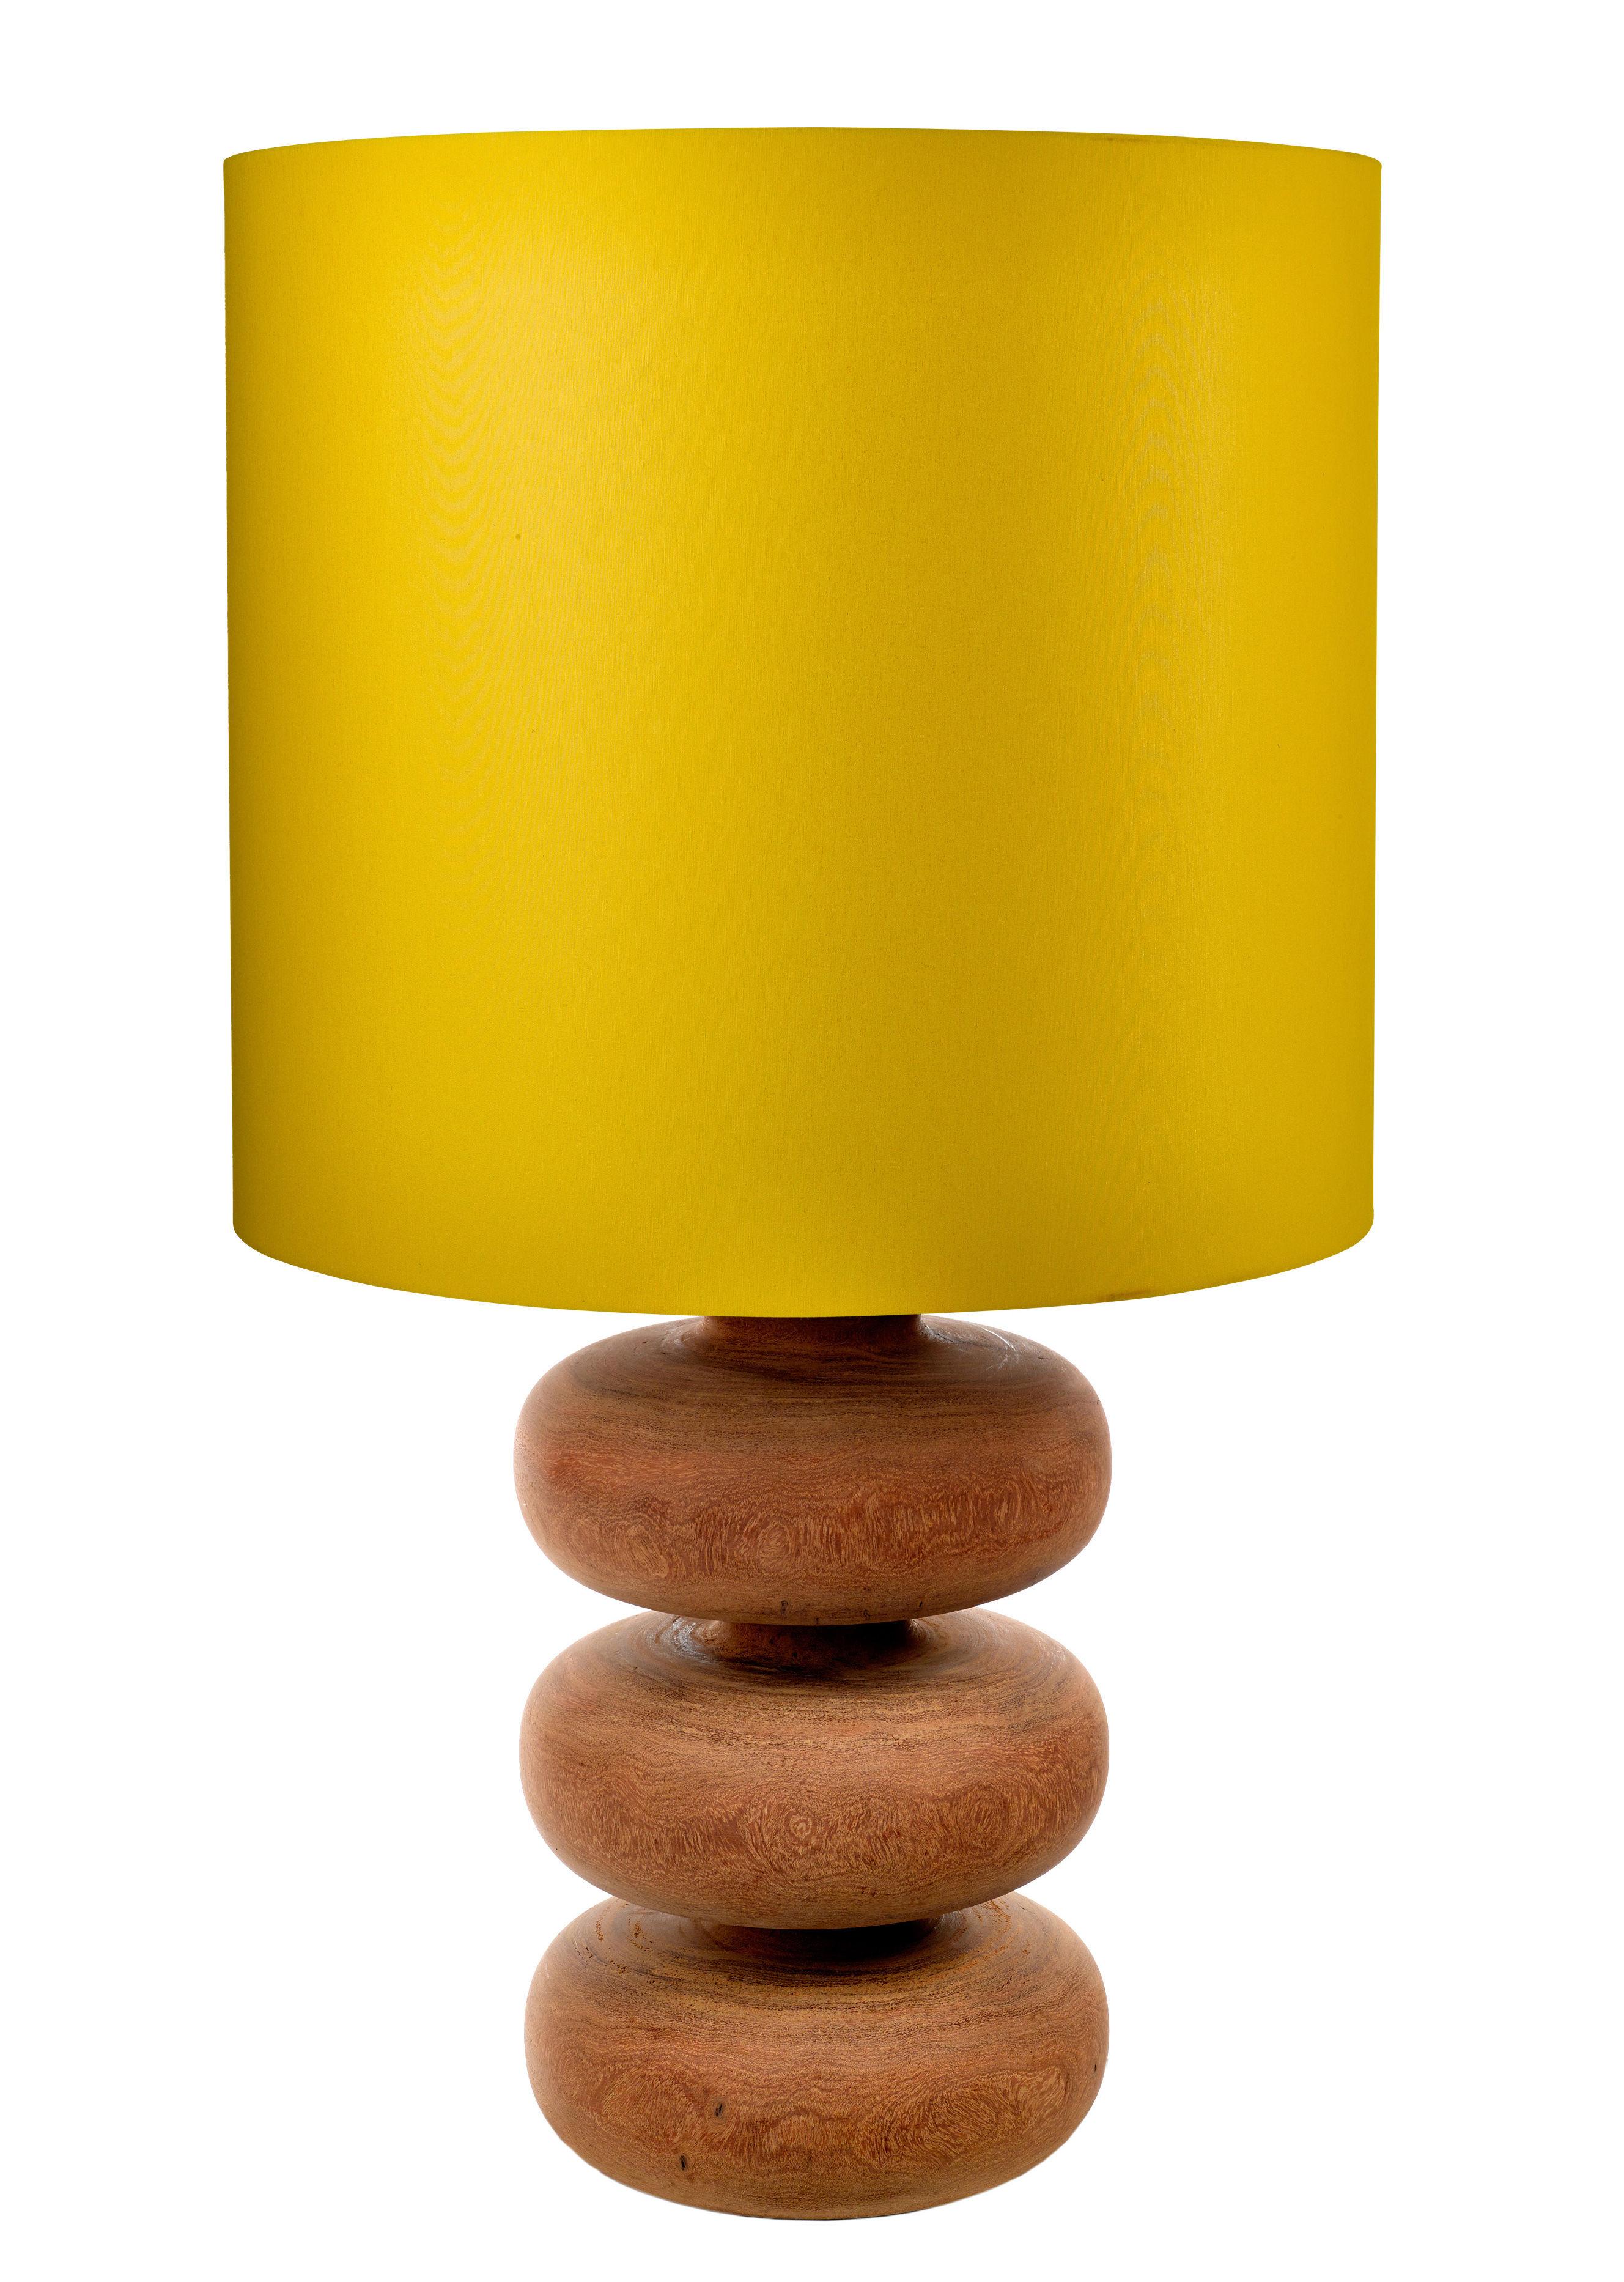 Lampe A Poser Tree Times Pols Potten Bois Abat Jour Jaune H 50